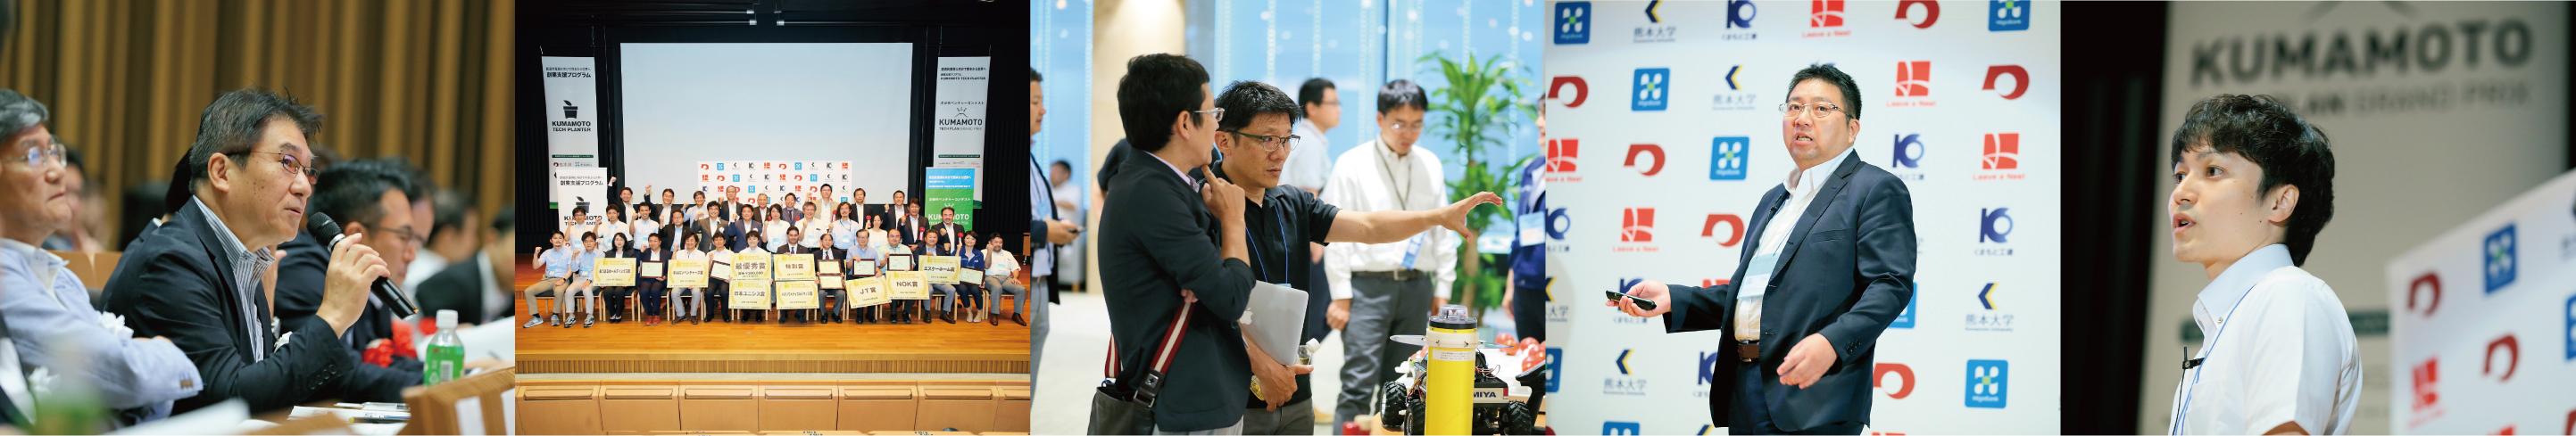 熊本県次世代ベンチャー創出支援コンソーシアム